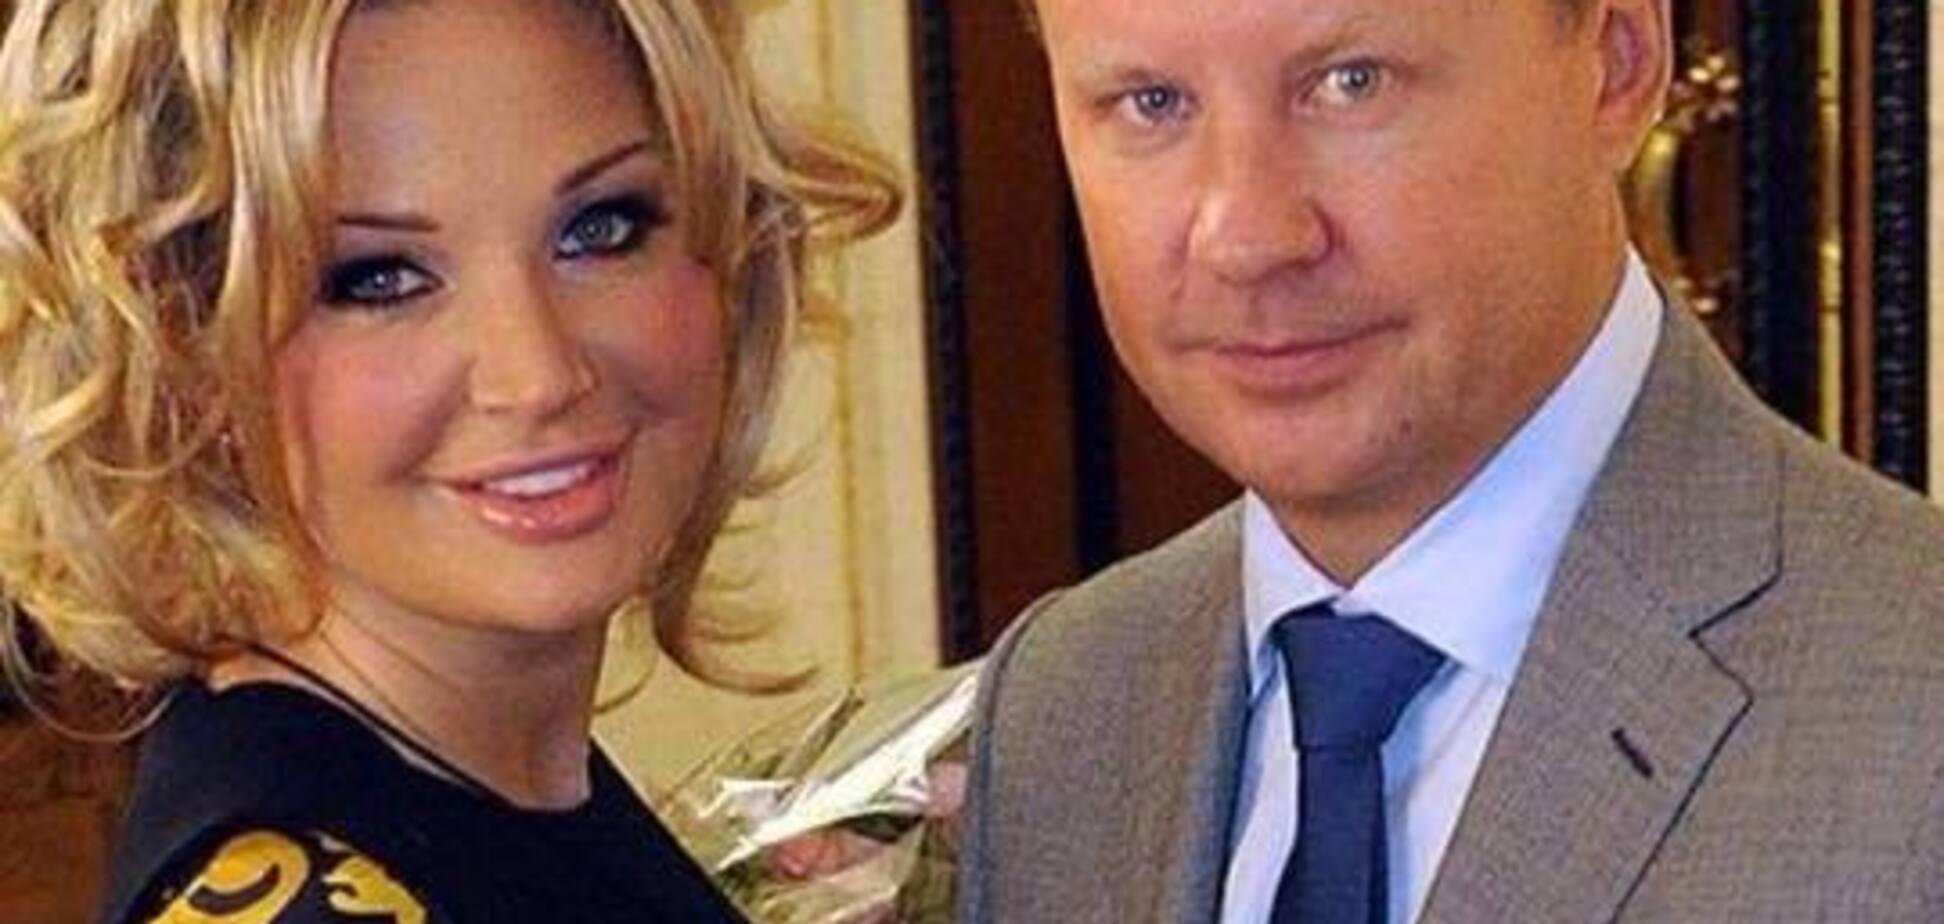 Максакова неожиданно отреагировала на заявление ГПУ по убийству Вороненкова